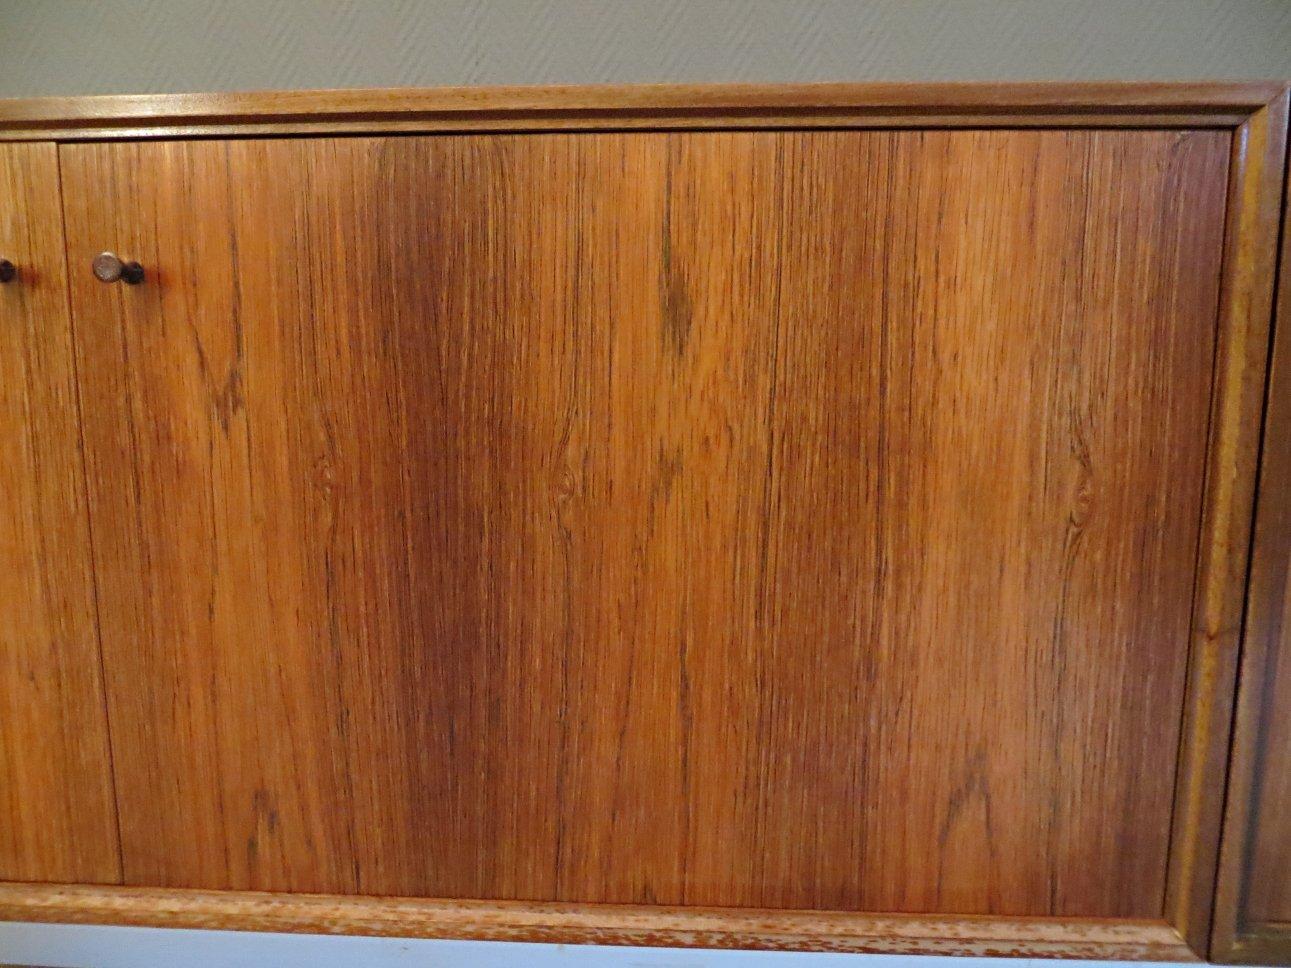 deutsches h ngendes palisander furnier sideboard von oldenburger m belwerkst tte bei pamono kaufen. Black Bedroom Furniture Sets. Home Design Ideas